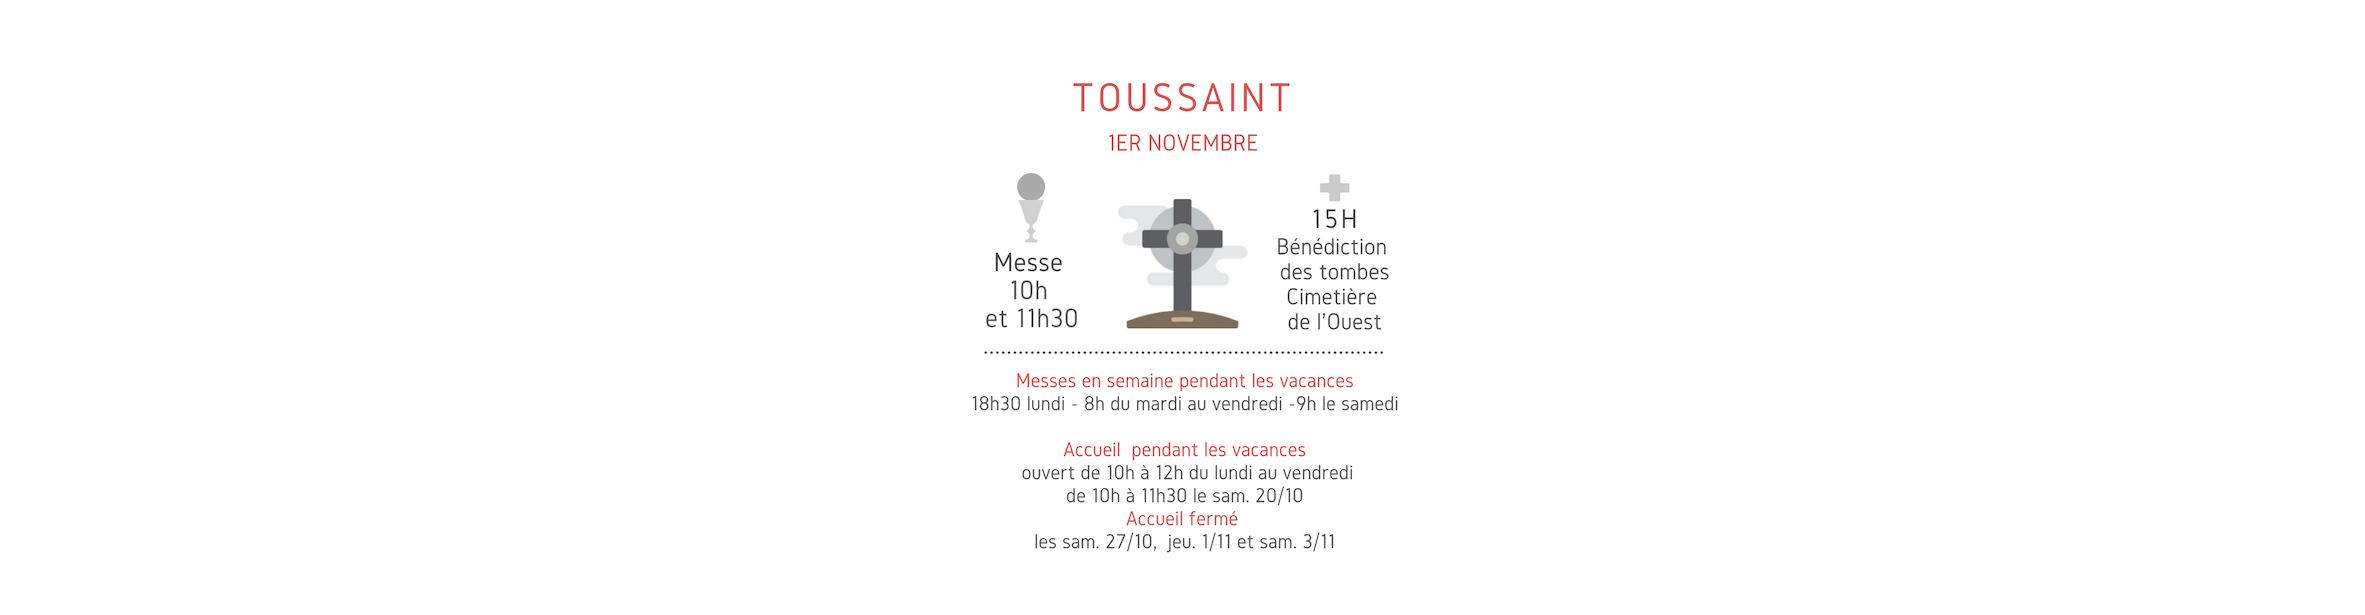 Horaires-2018Toussaint